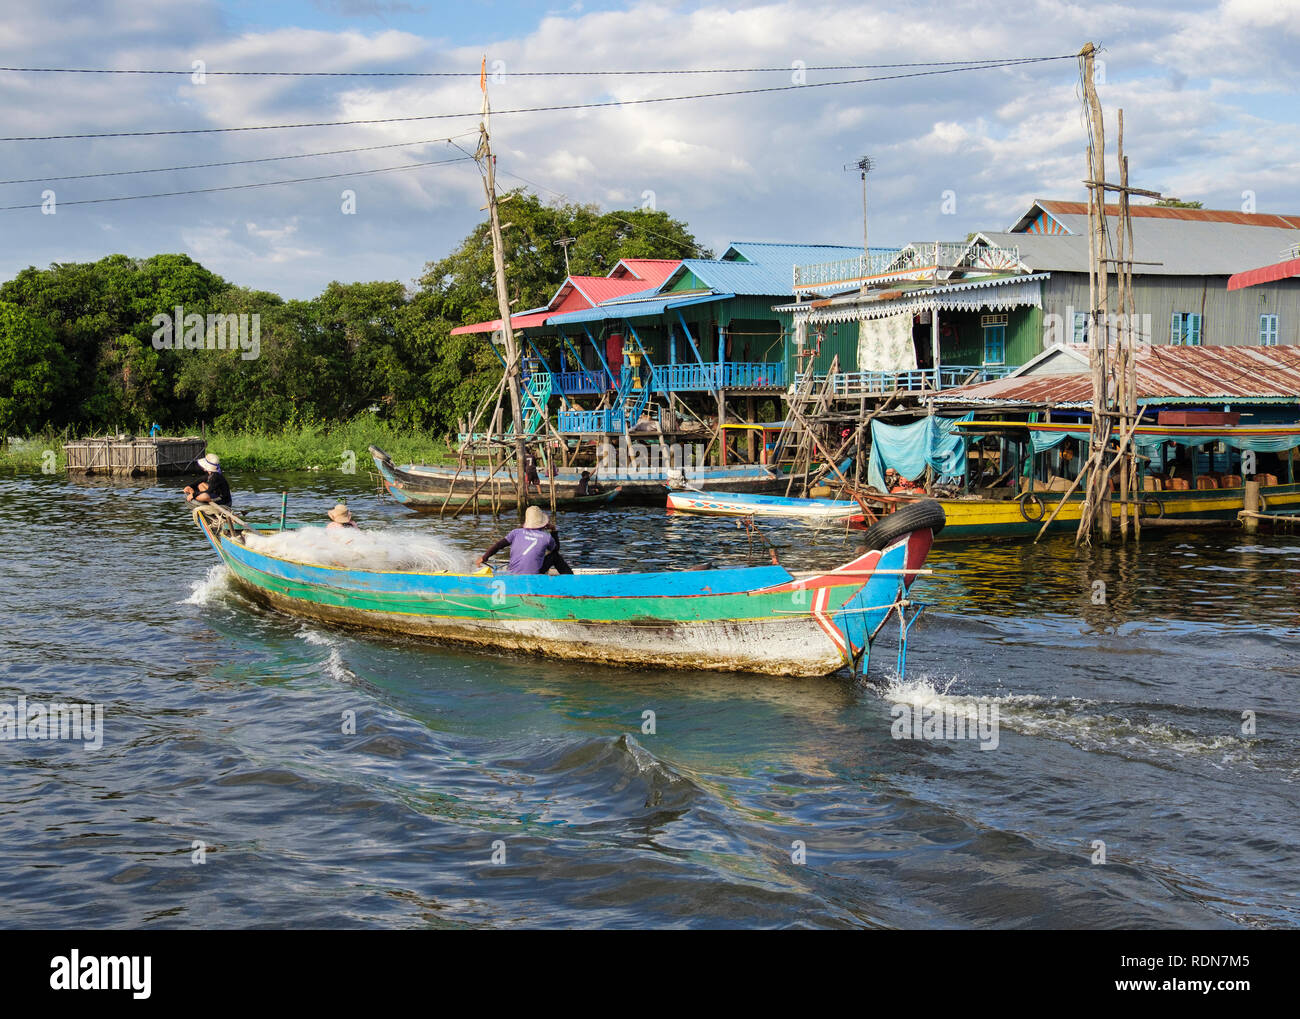 Die lokalen Fischer in einem Fischerboot Häuser auf Stelzen in schwimmenden Dorf in den Tonle Sap See. Kampong Phluk, Siem Reap, Kambodscha, Asien Stockbild